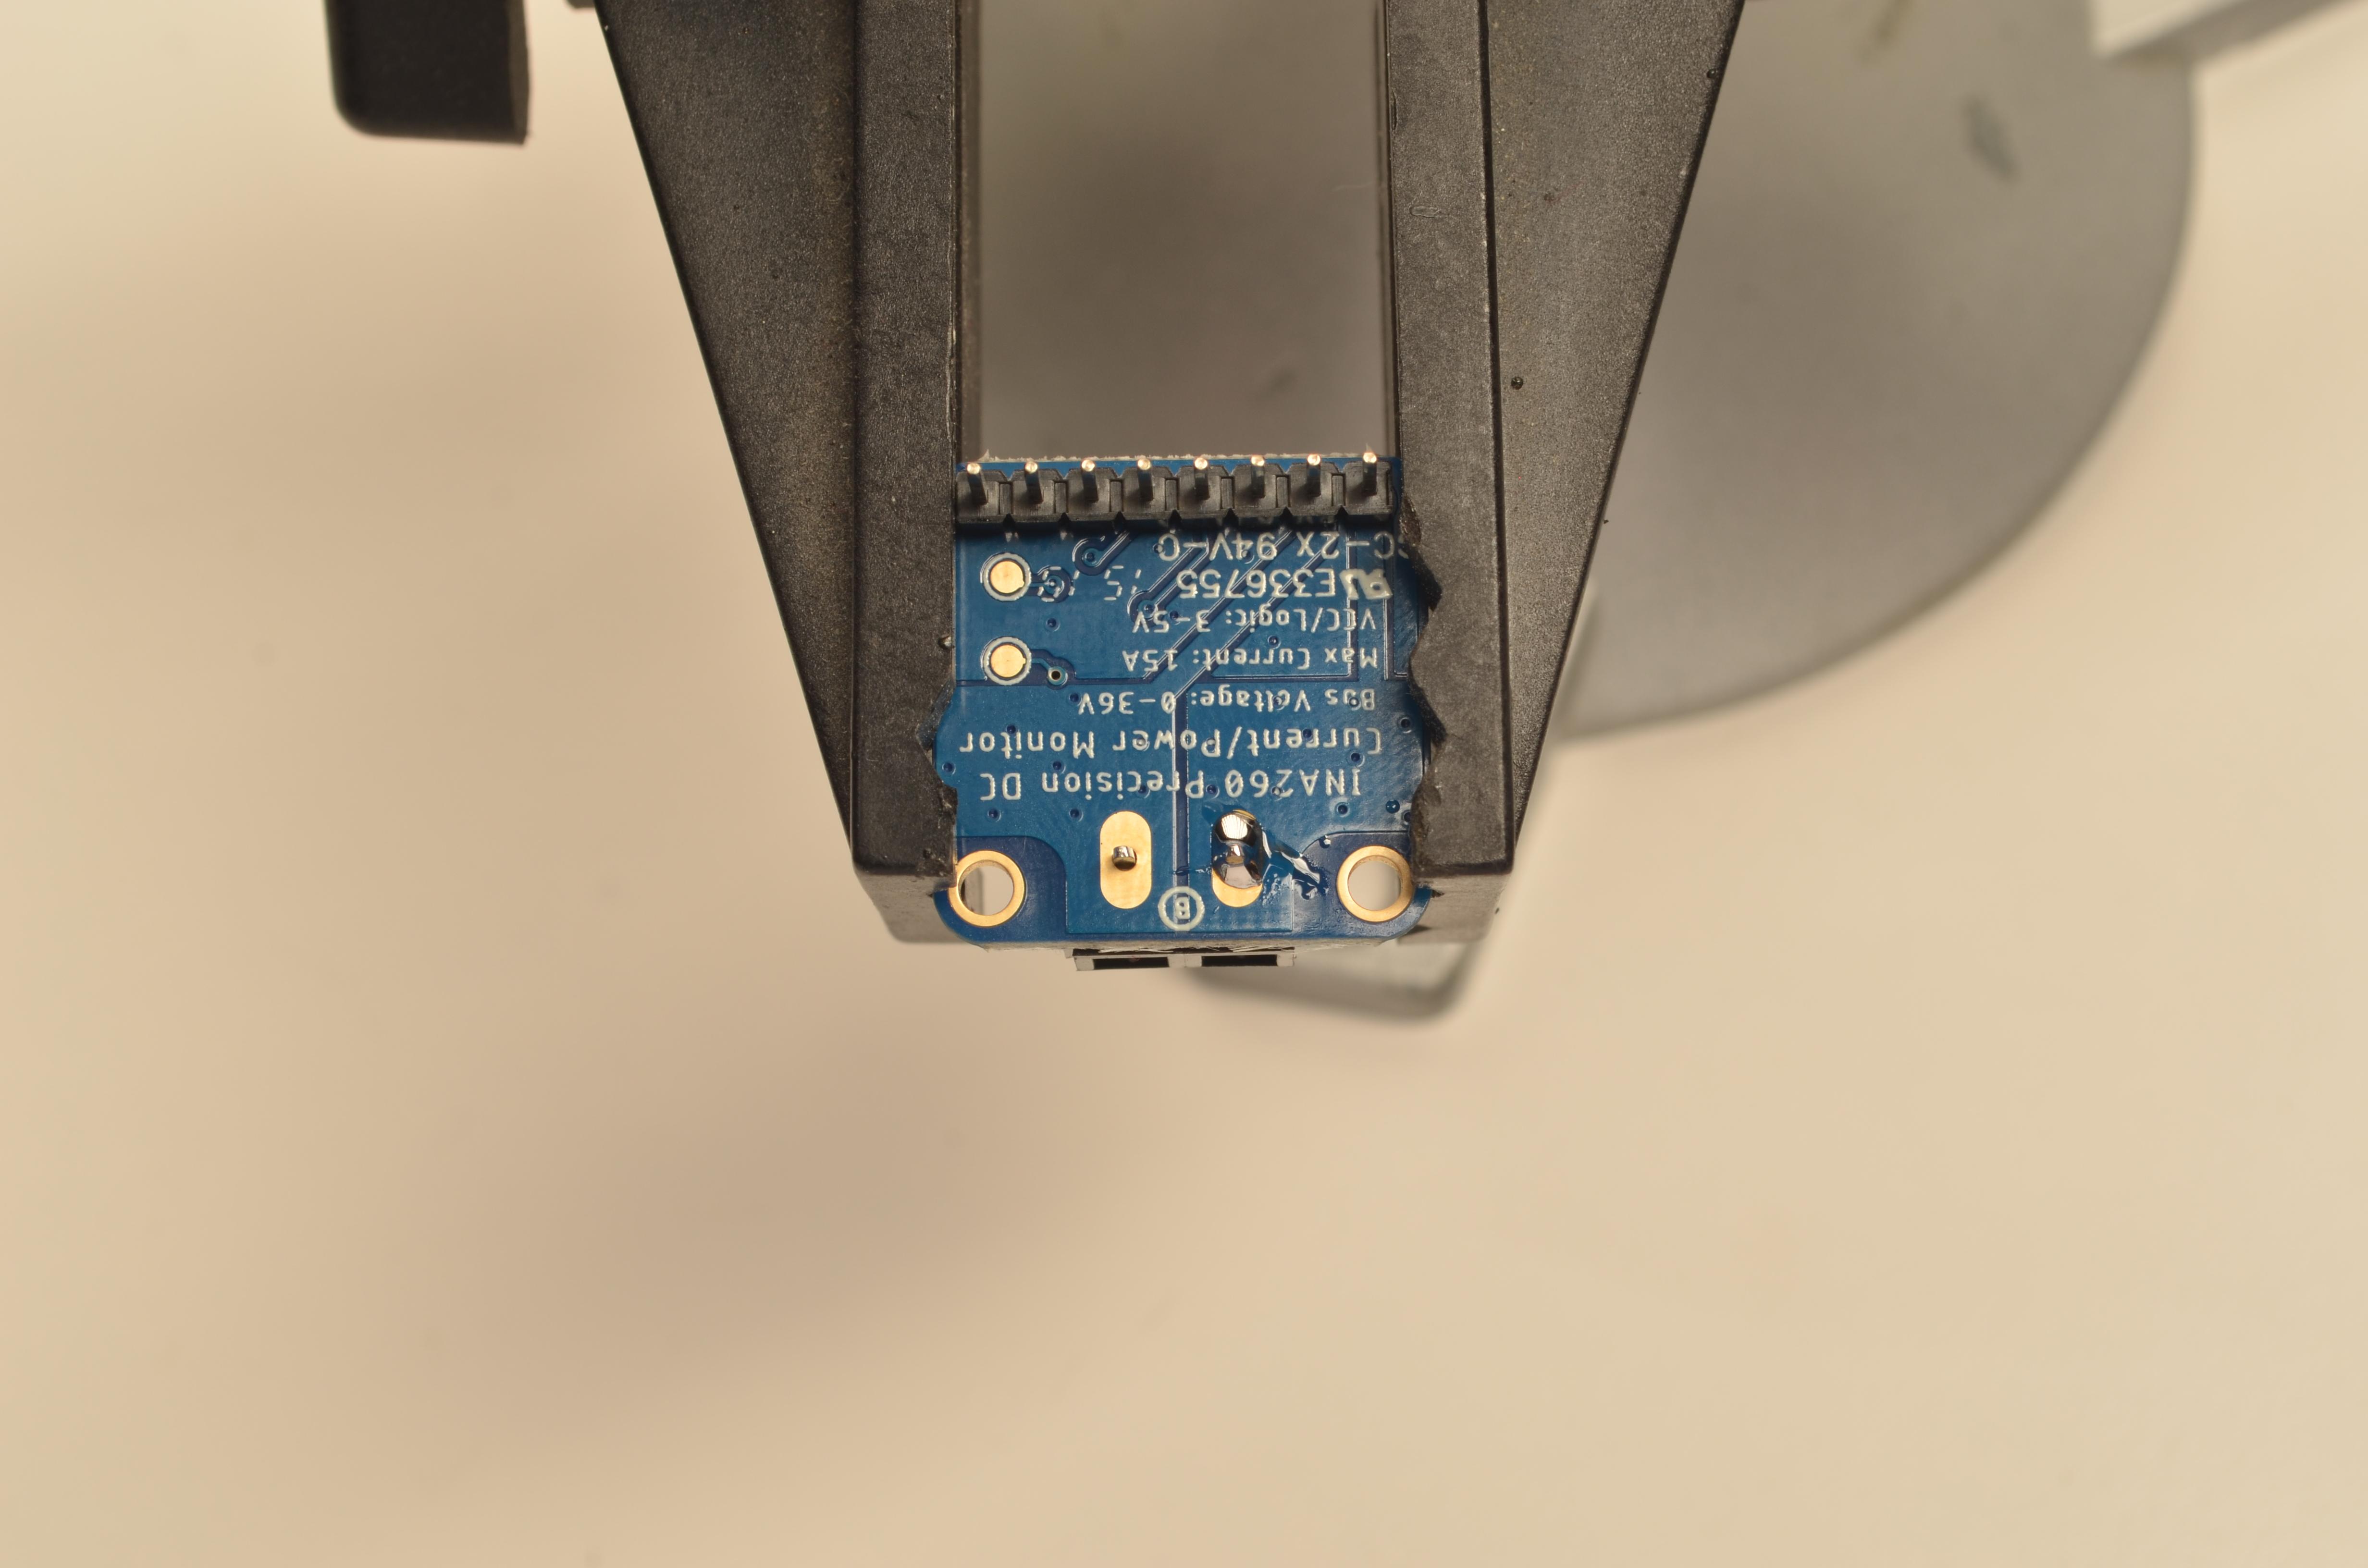 sensors_DSC_4209.jpg